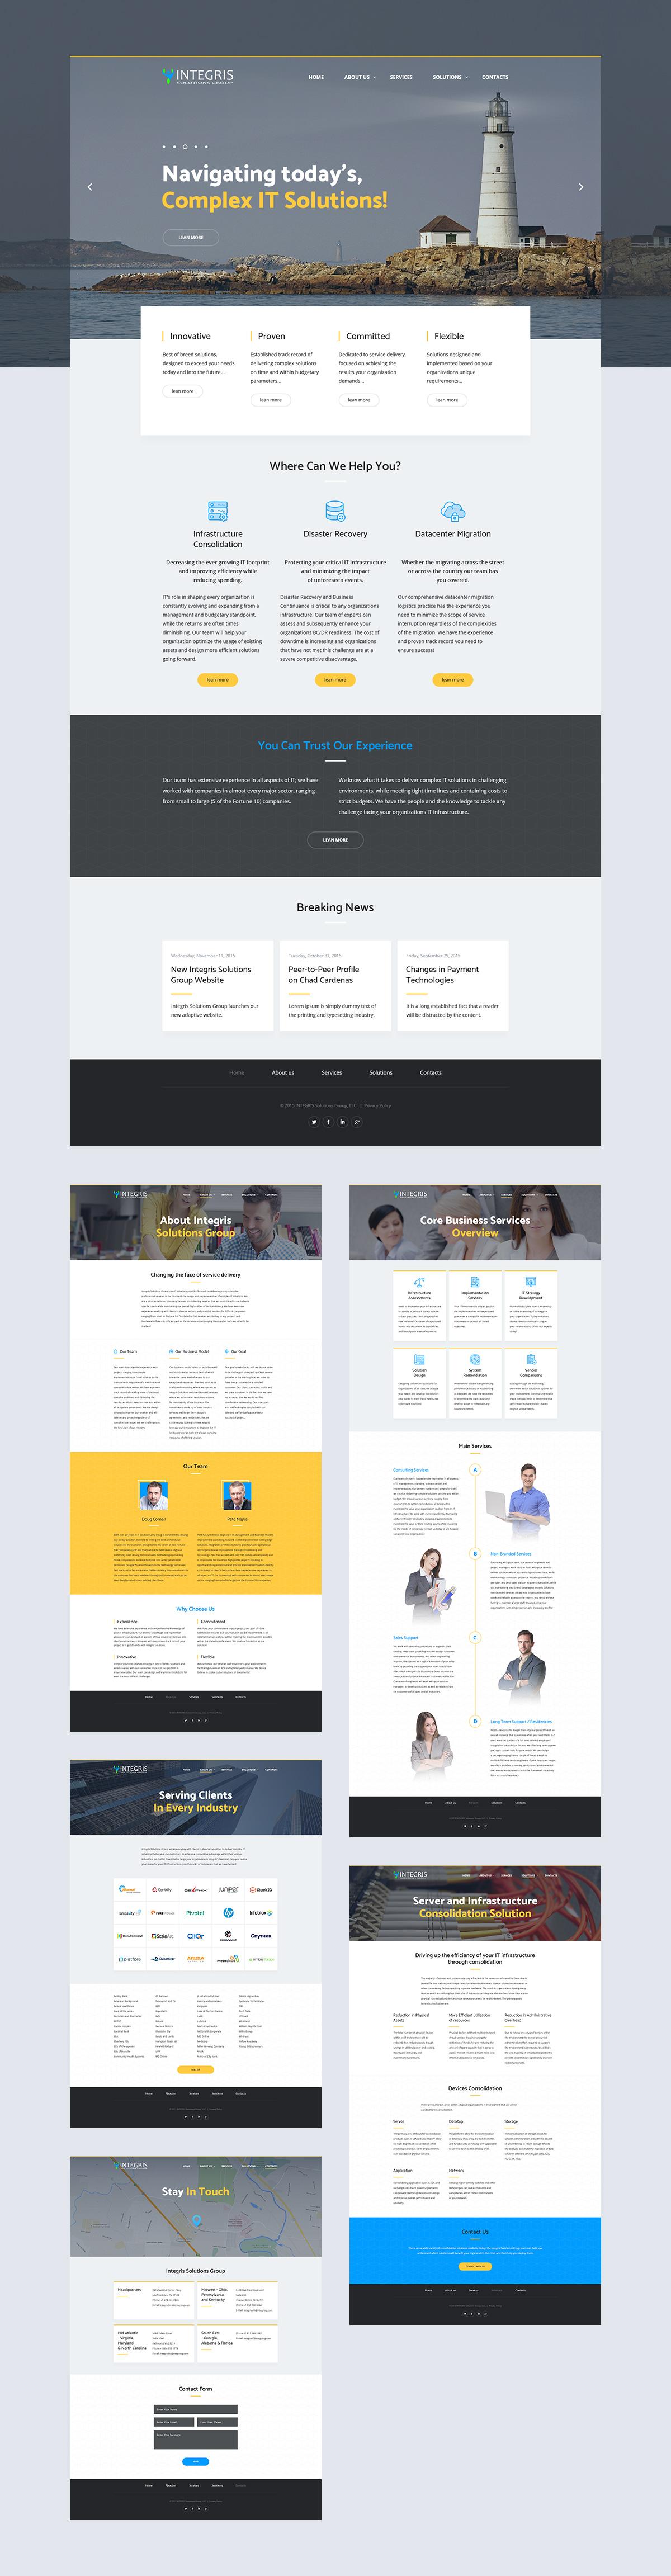 Разработка корпоративного сайта компании Integris